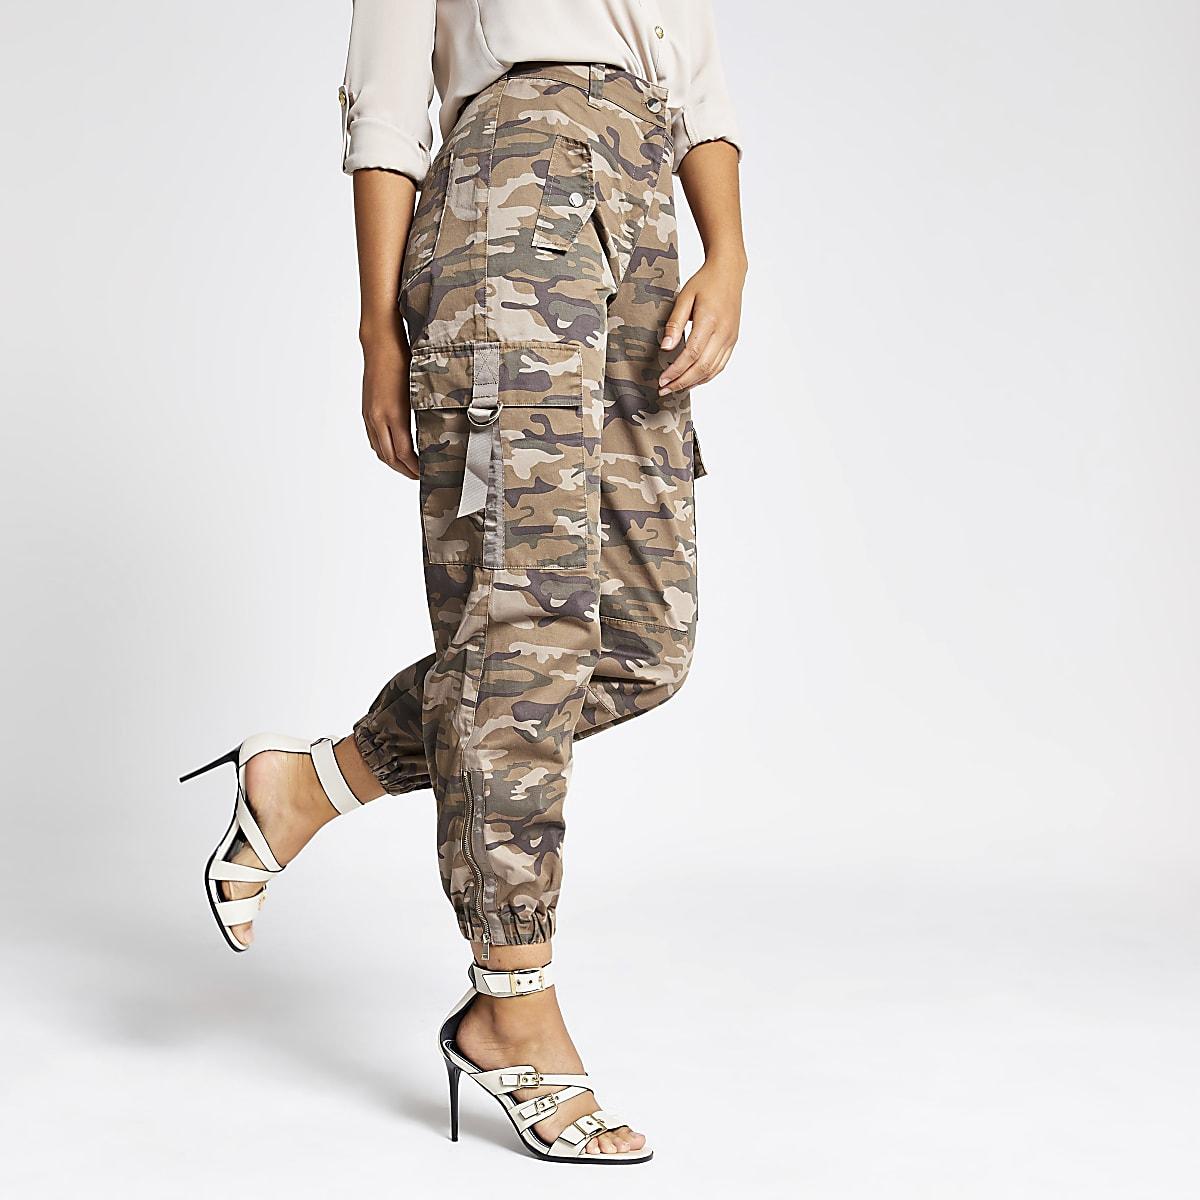 Beige utility broek met camouflageprint